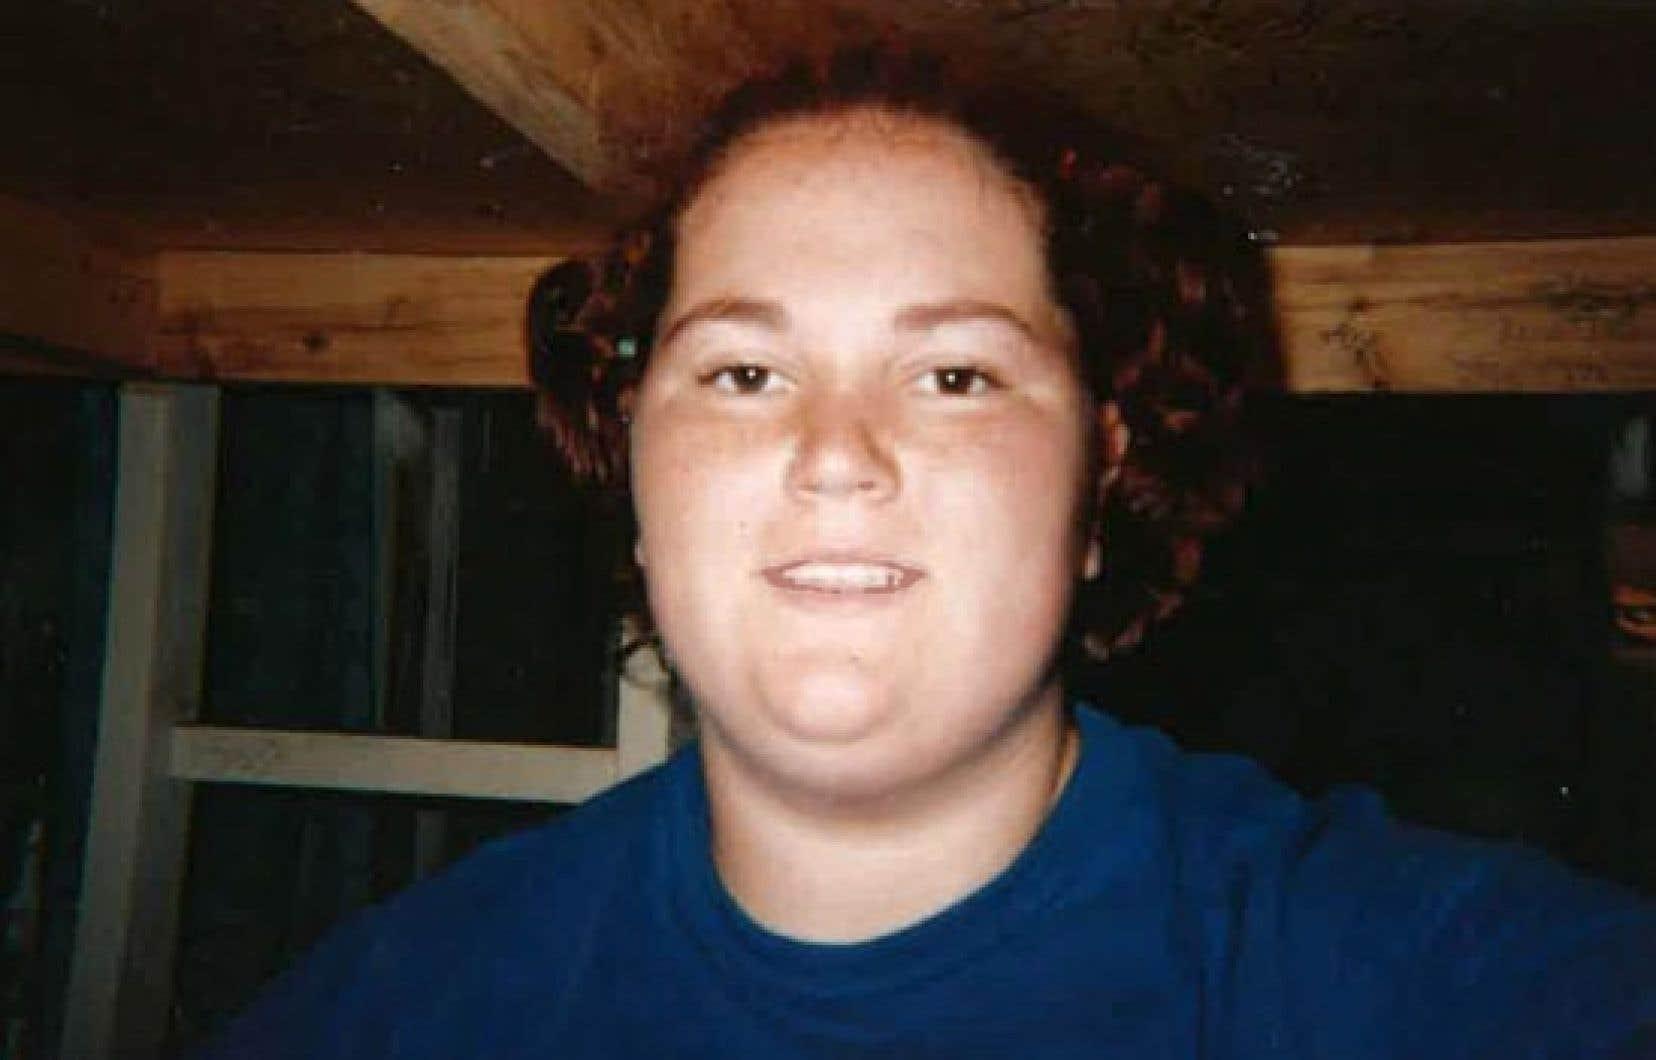 Ashley Smith est décédée sous le regard des agents correctionnels.